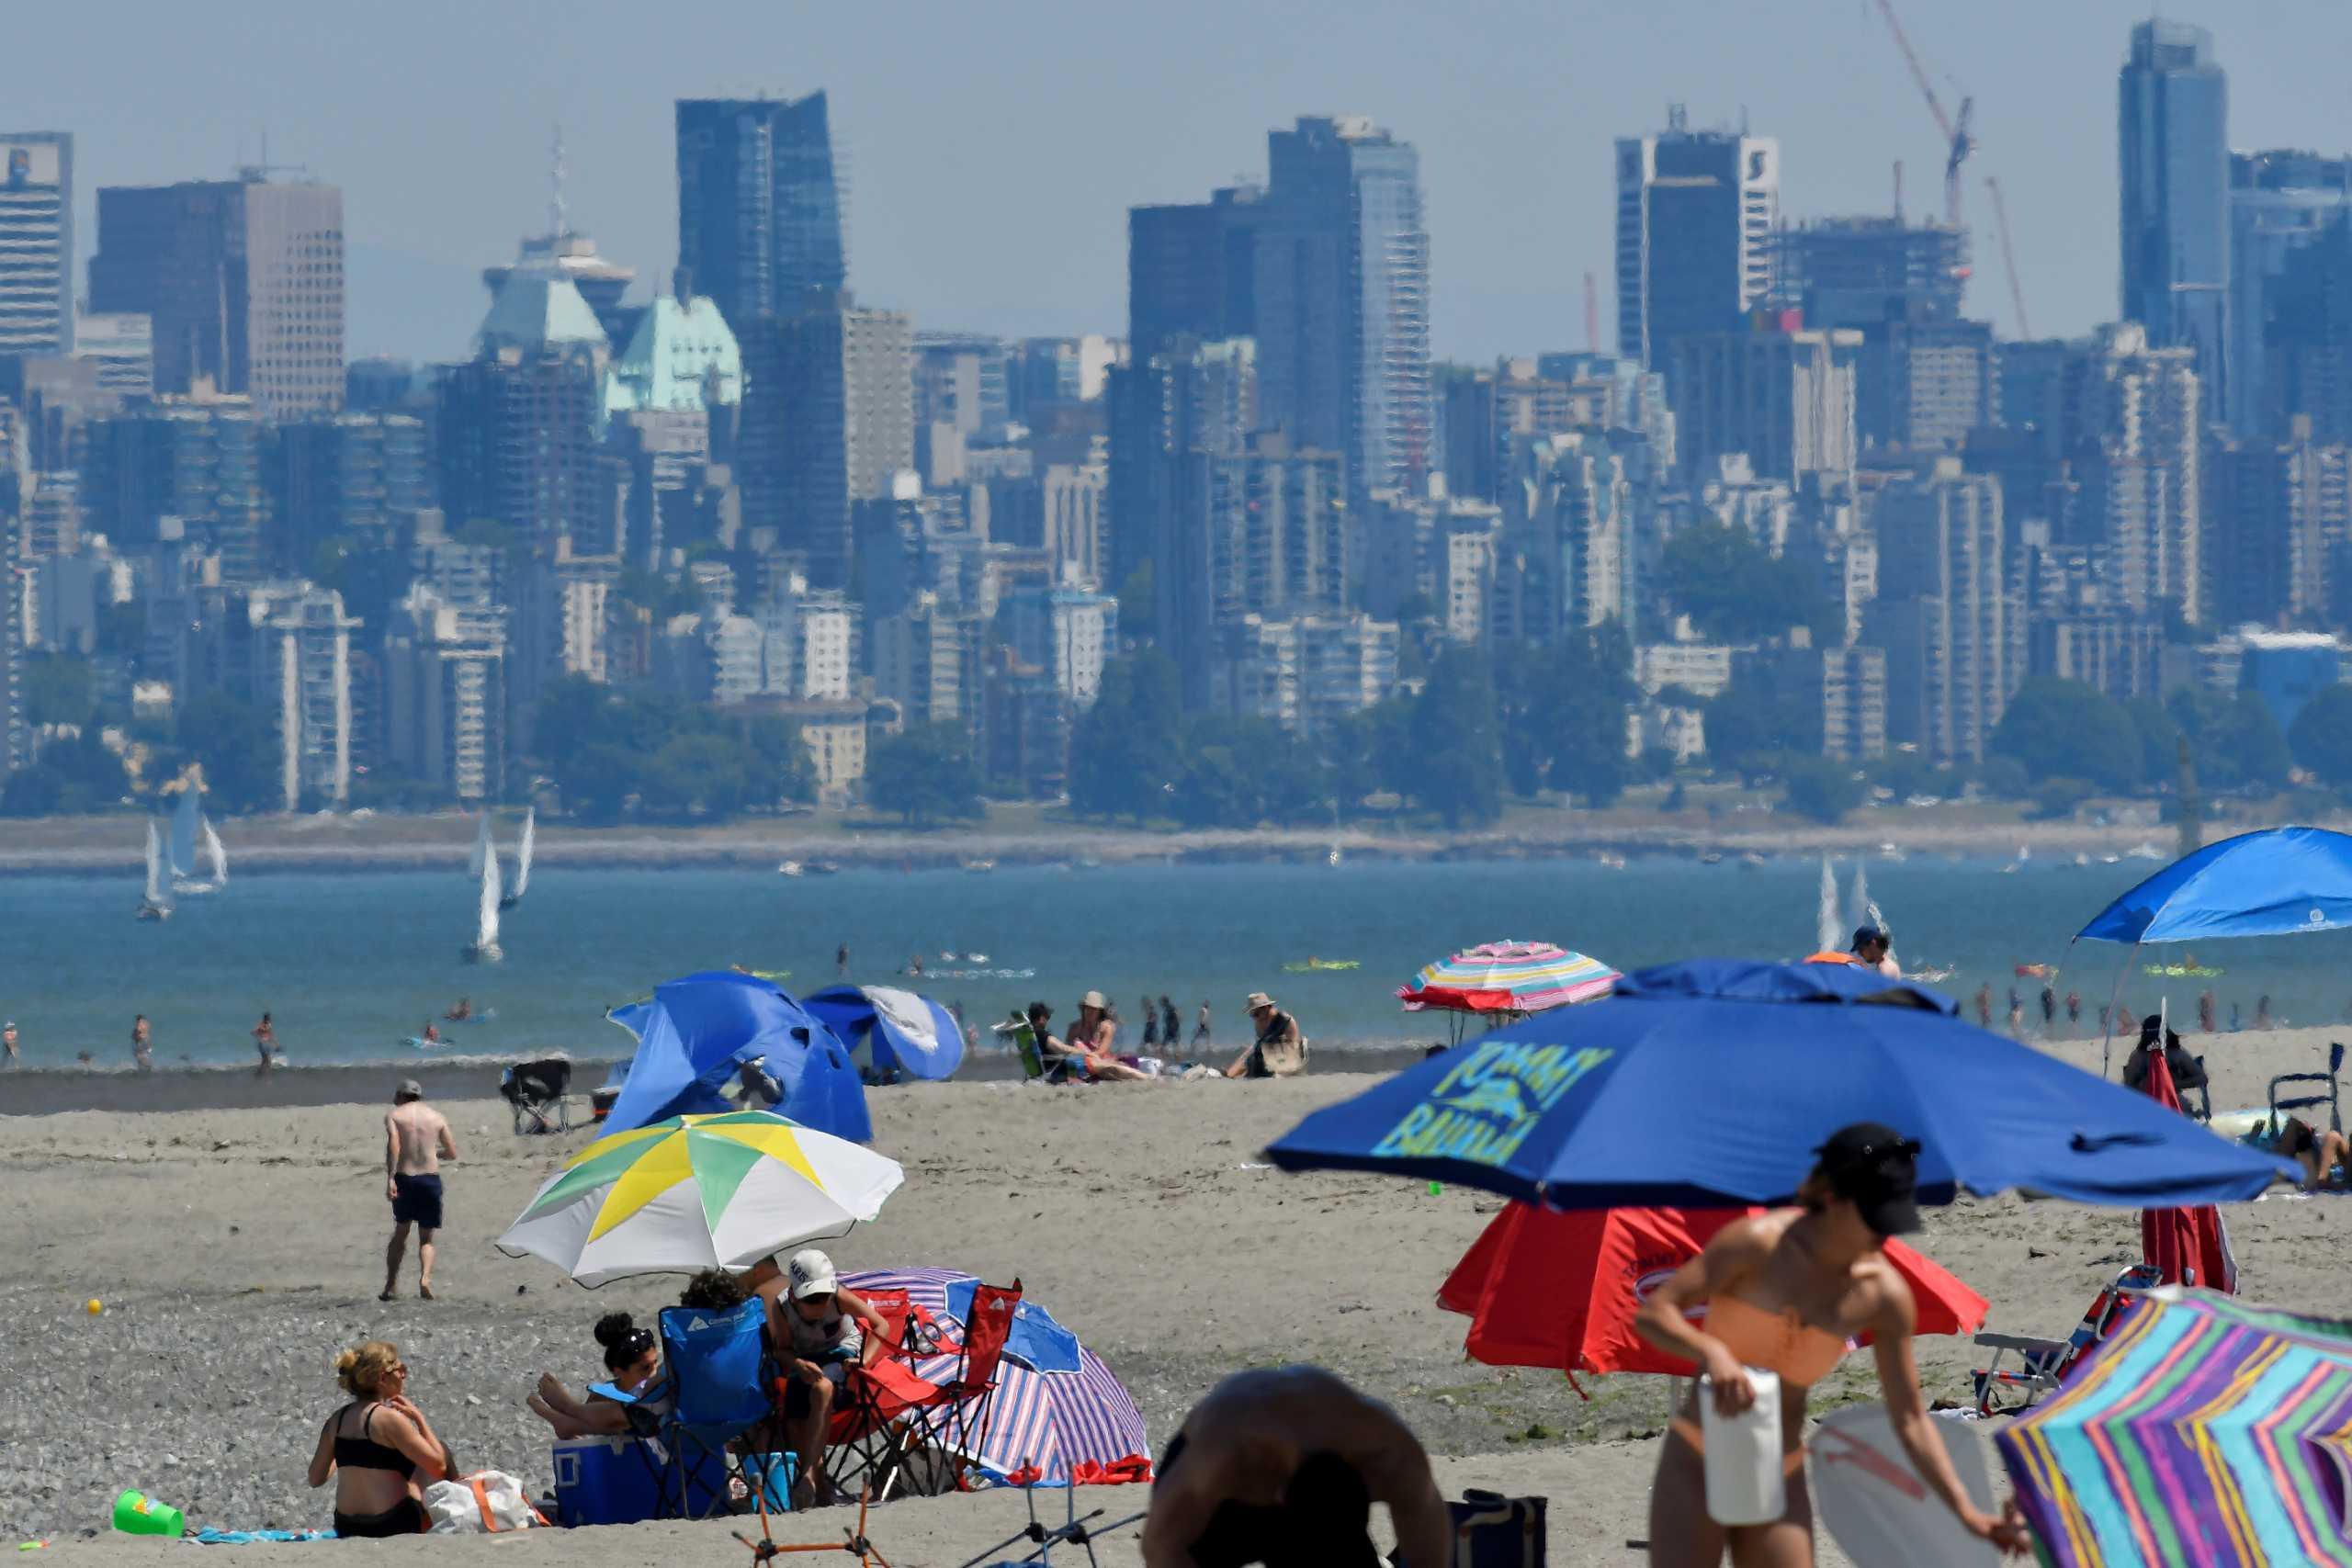 Η κλιματική αλλαγή «ευθύνεται» για τον καύσωνα που έπληξε Καναδά και δυτικές ΗΠΑ